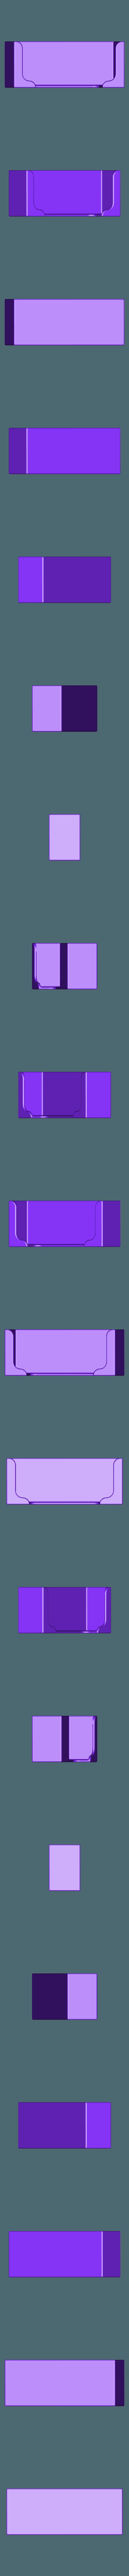 100mmx27mmx40mm.STL Télécharger fichier STL gratuit Le support contrôle la télécommande ou le téléphone portable • Design pour imprimante 3D, fabiomingori